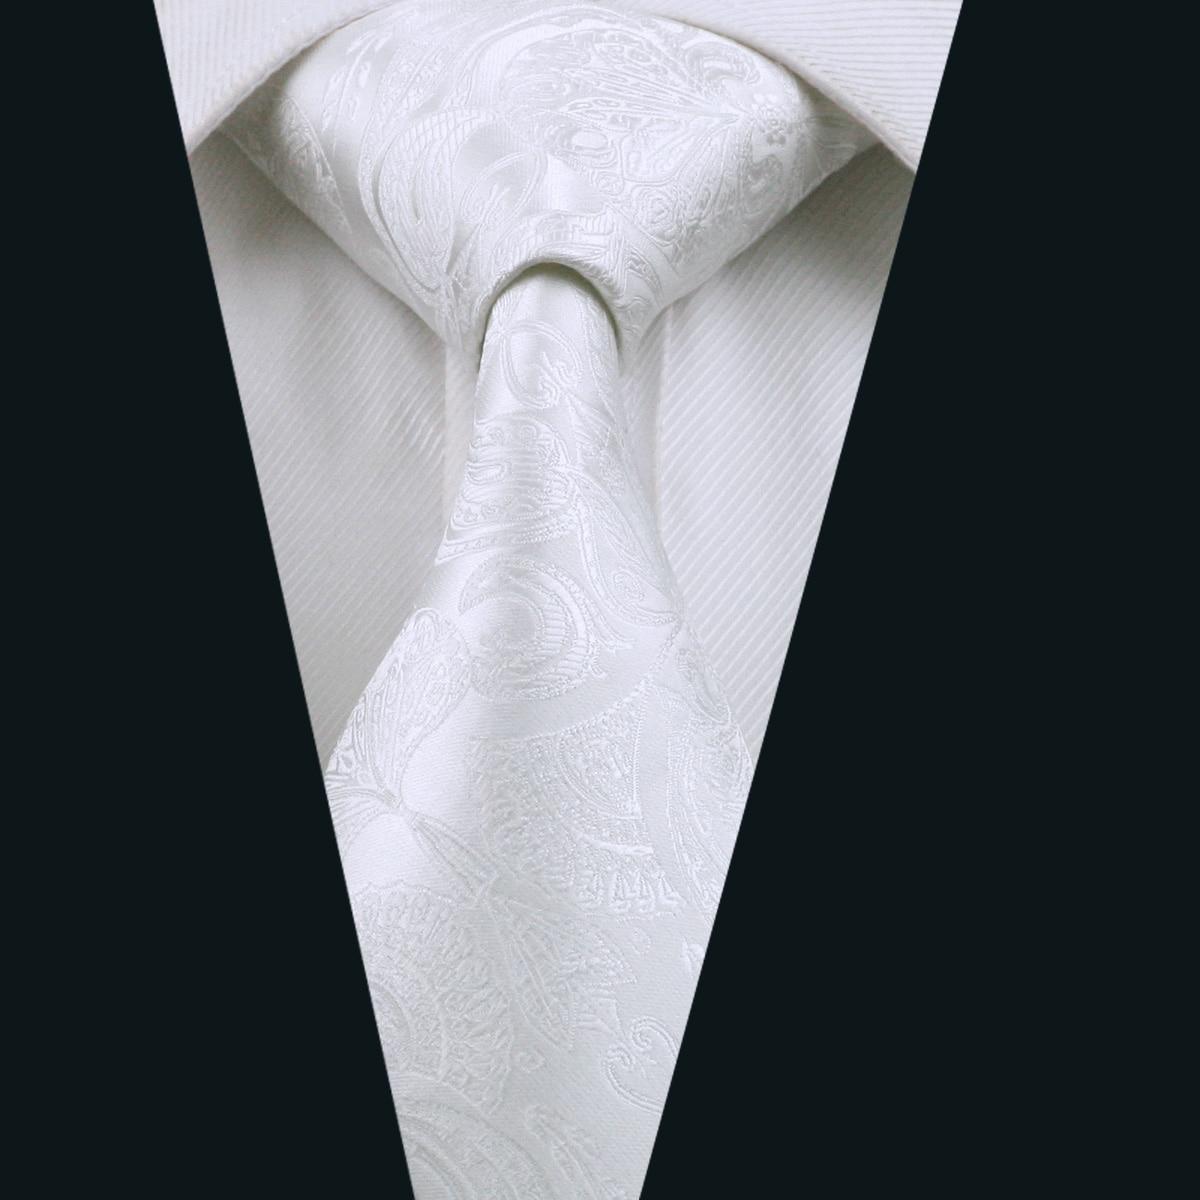 DH 393 Mens Tie White Paisley NeckTie Silk Jacquard Ties ...